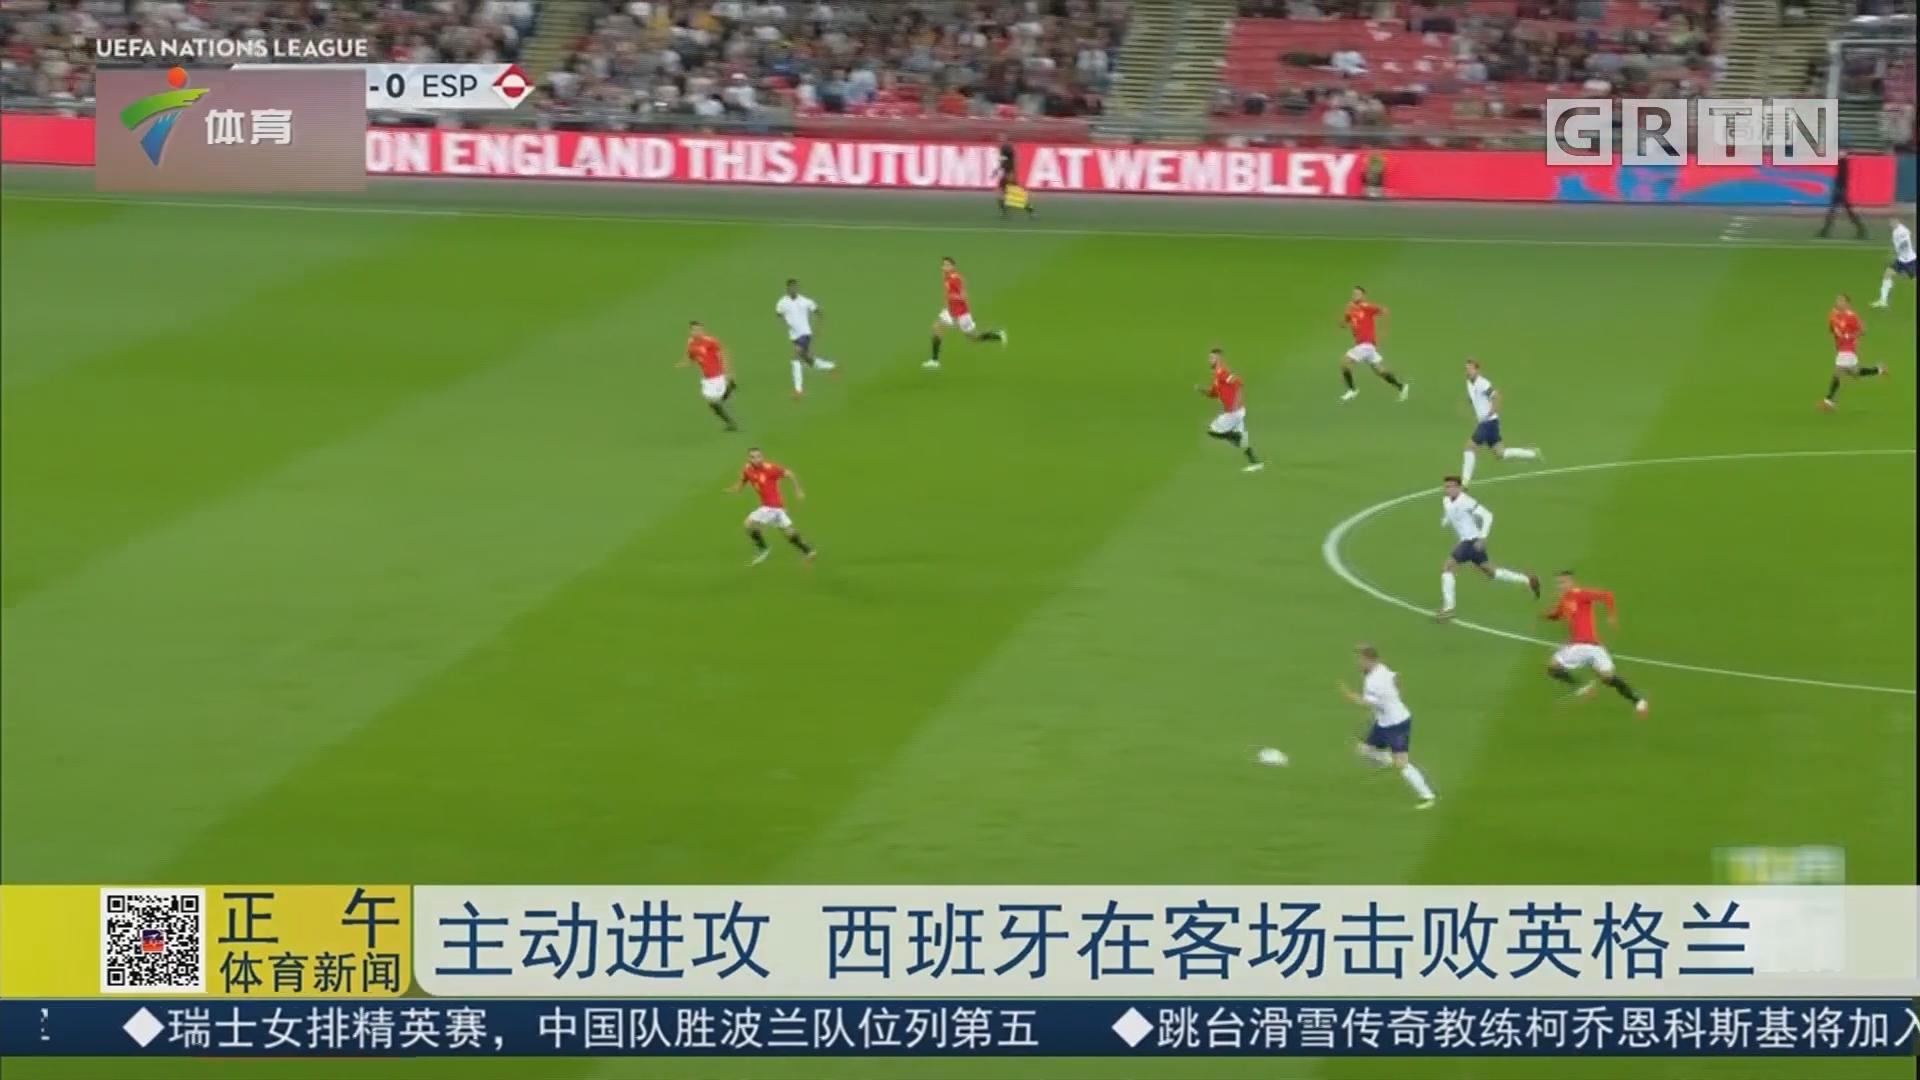 主动进攻 西班牙在客场击败英格兰